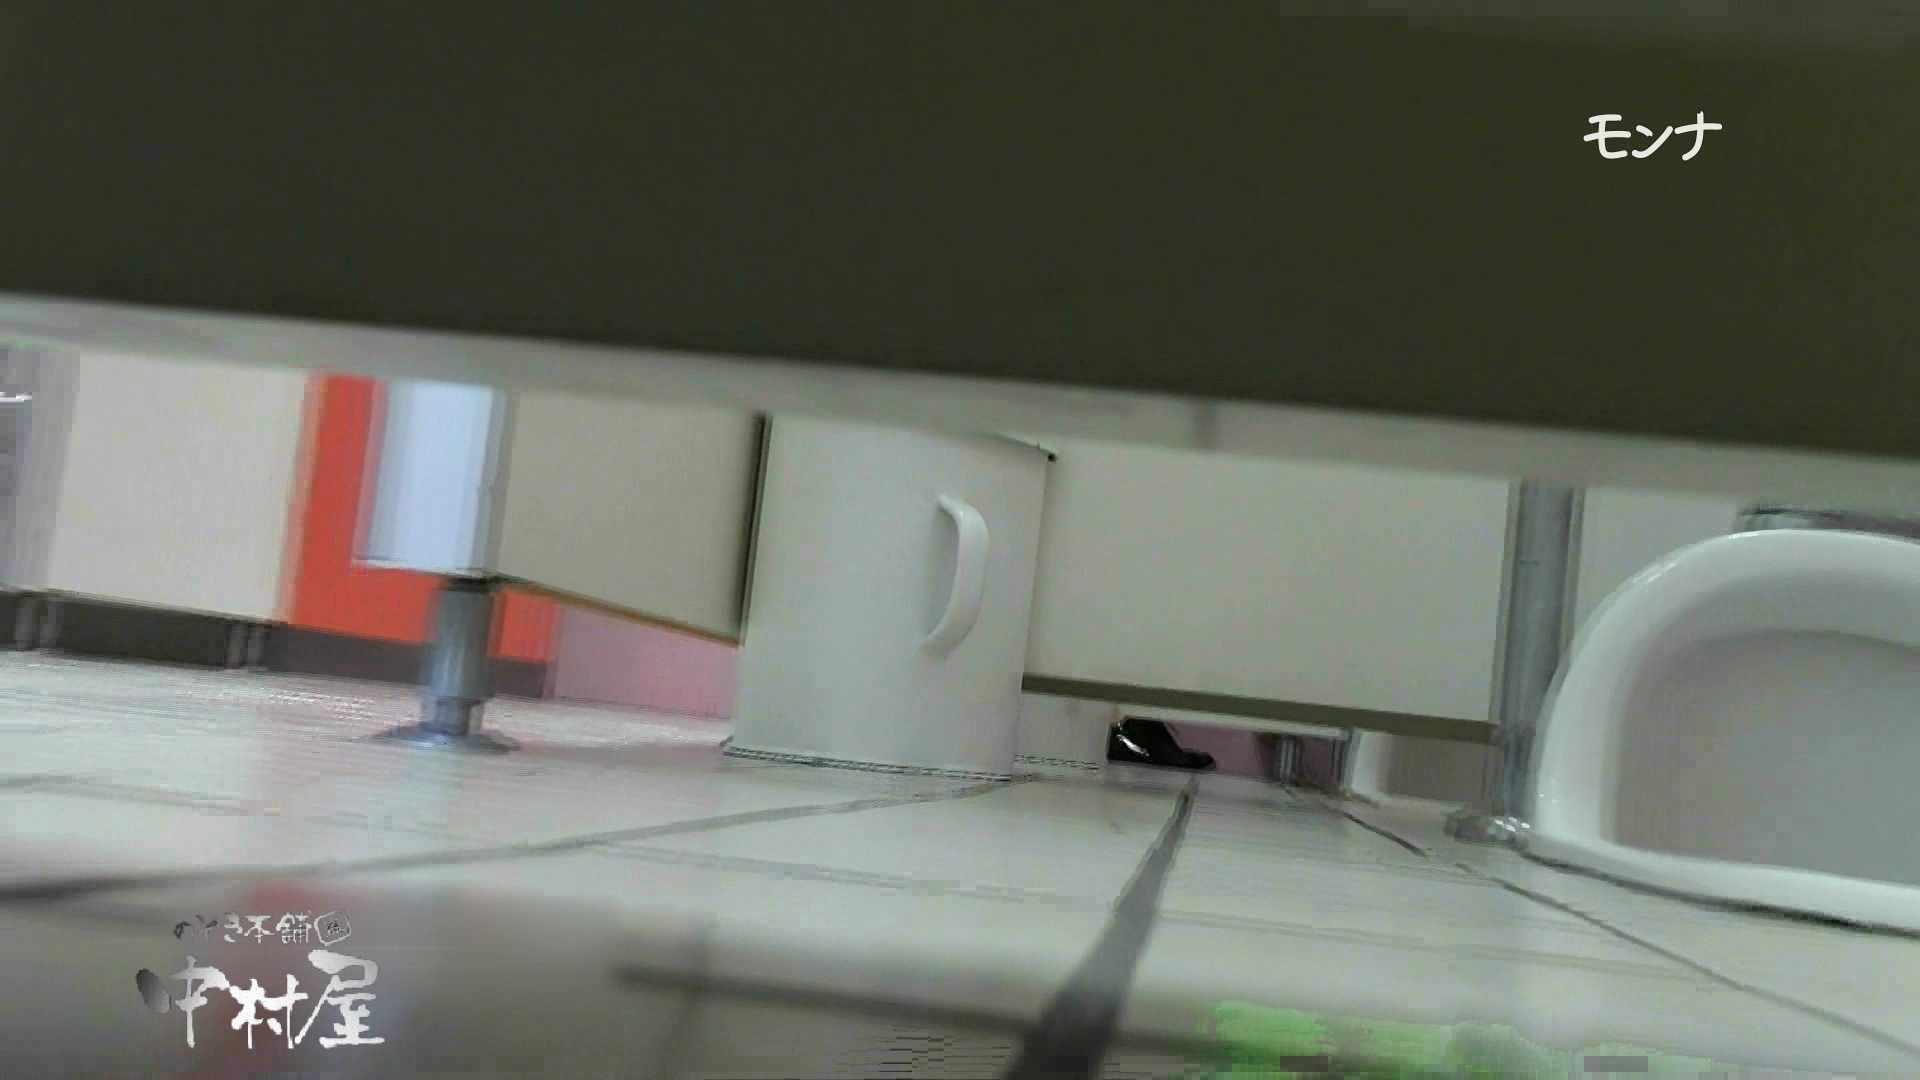 【美しい日本の未来】遂に!!戸田恵梨香似の予告モデル登場ダッシュで「大」前編 おまんこ見放題  75PIX 6